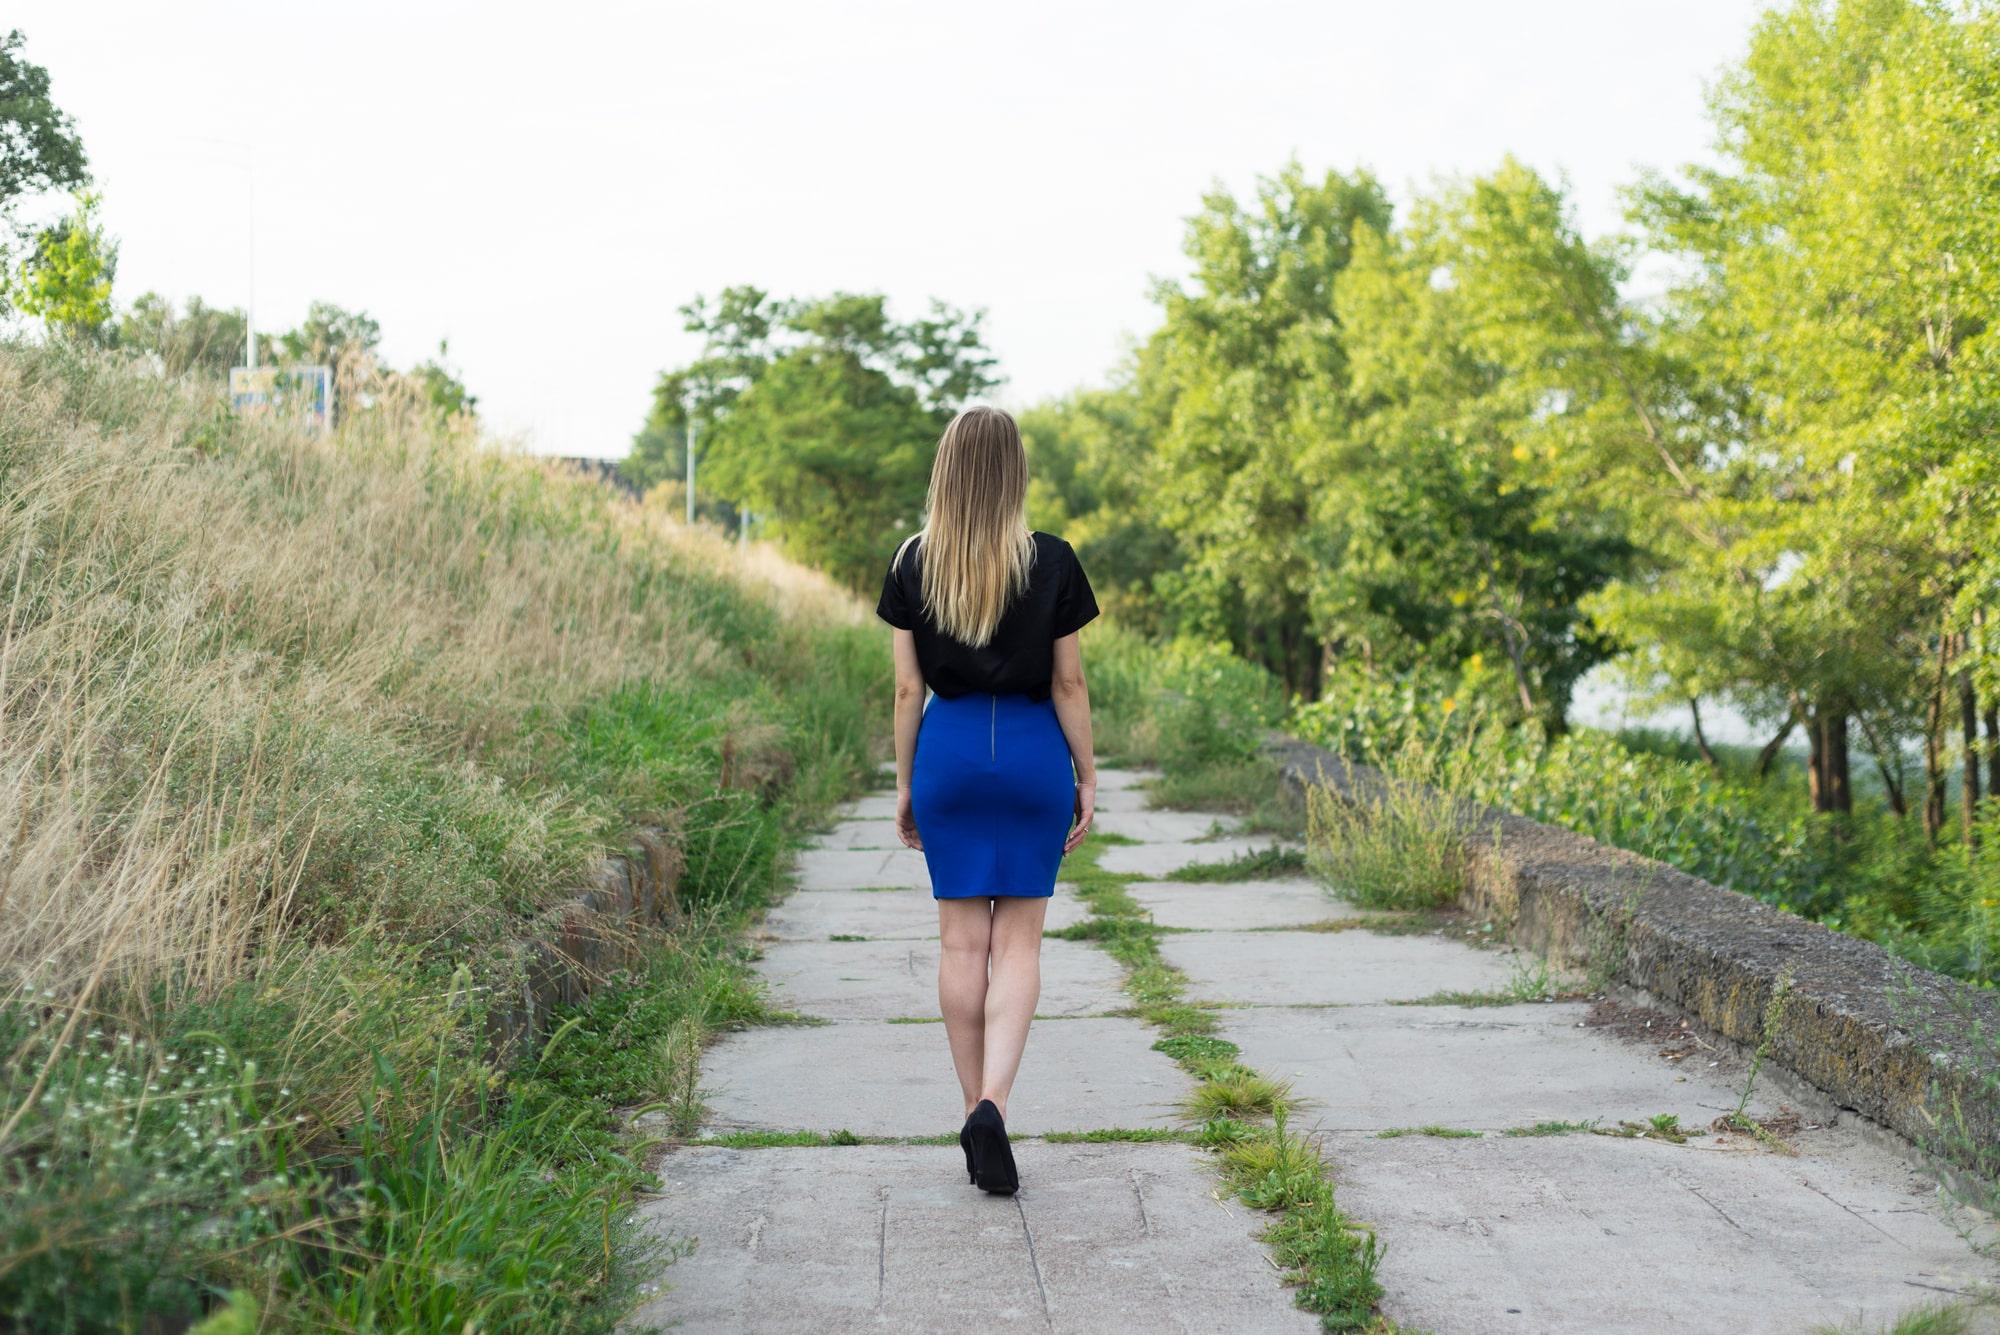 Фотосессия Love Story в Киеве - фото девушки спиной к фотографу